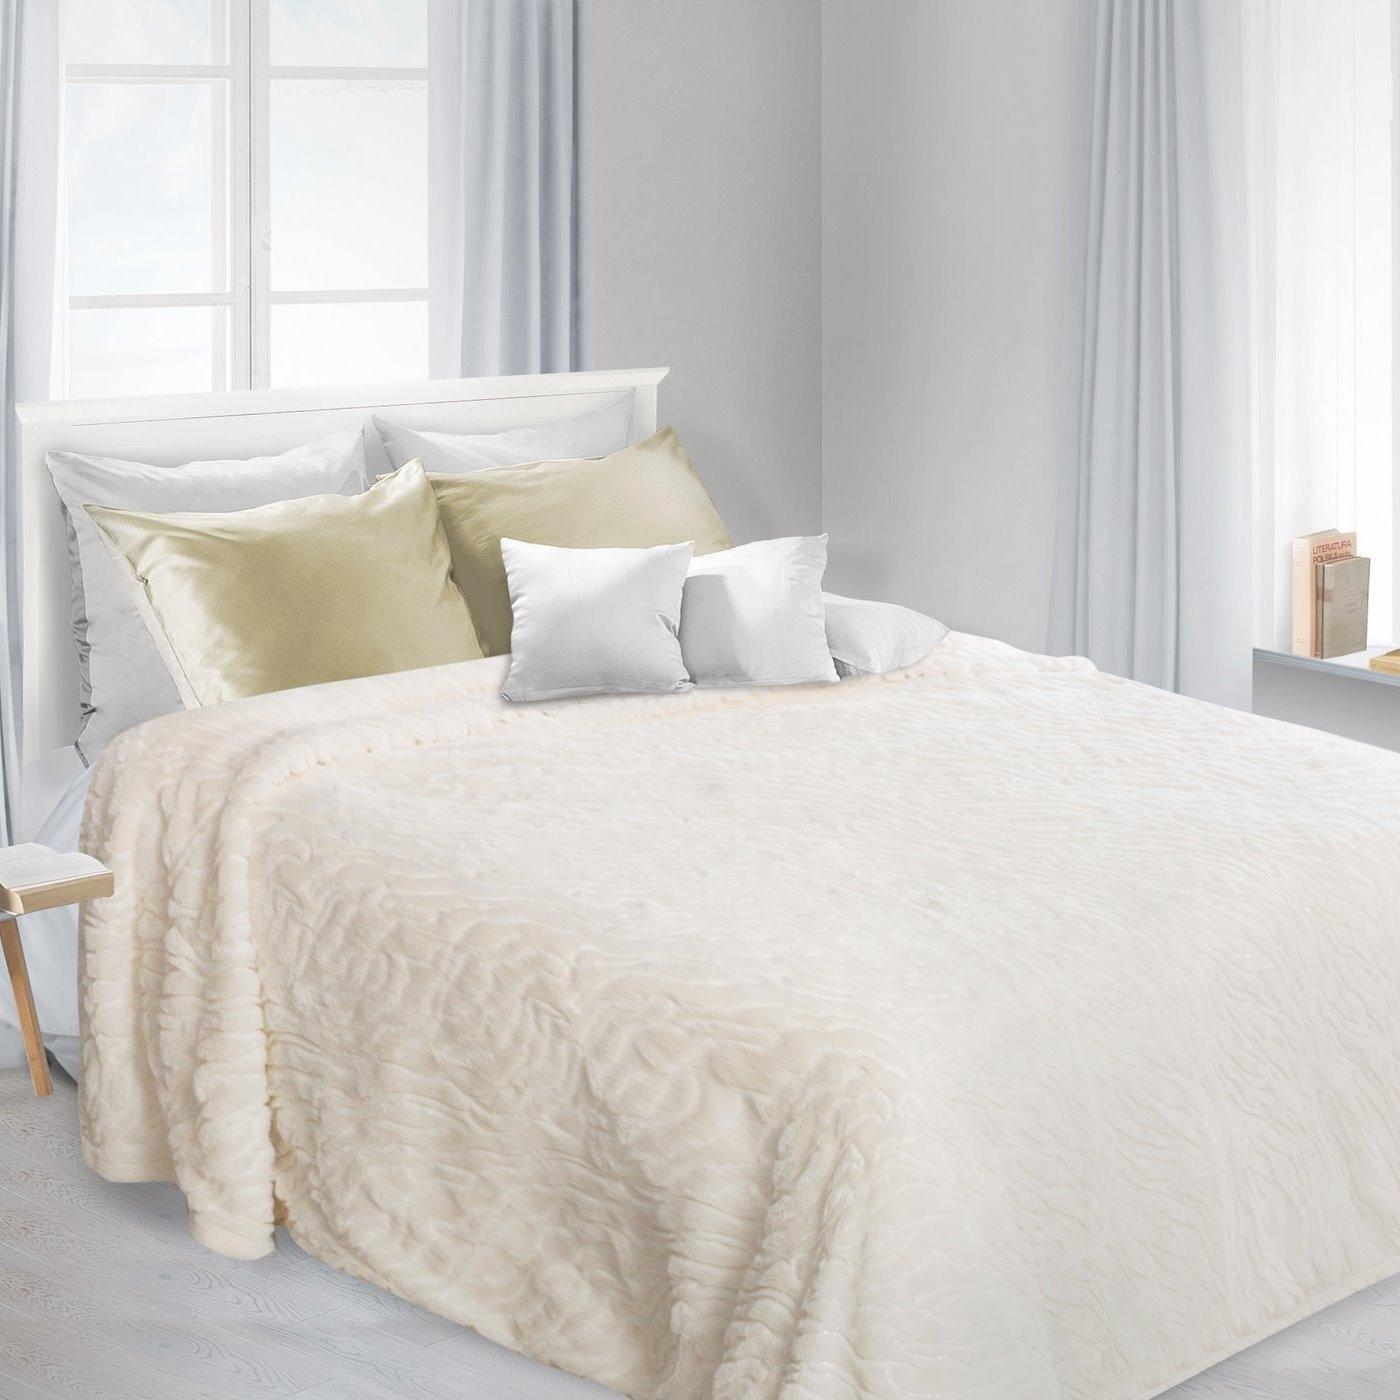 Patura Lux Cream 170 x 210 cm